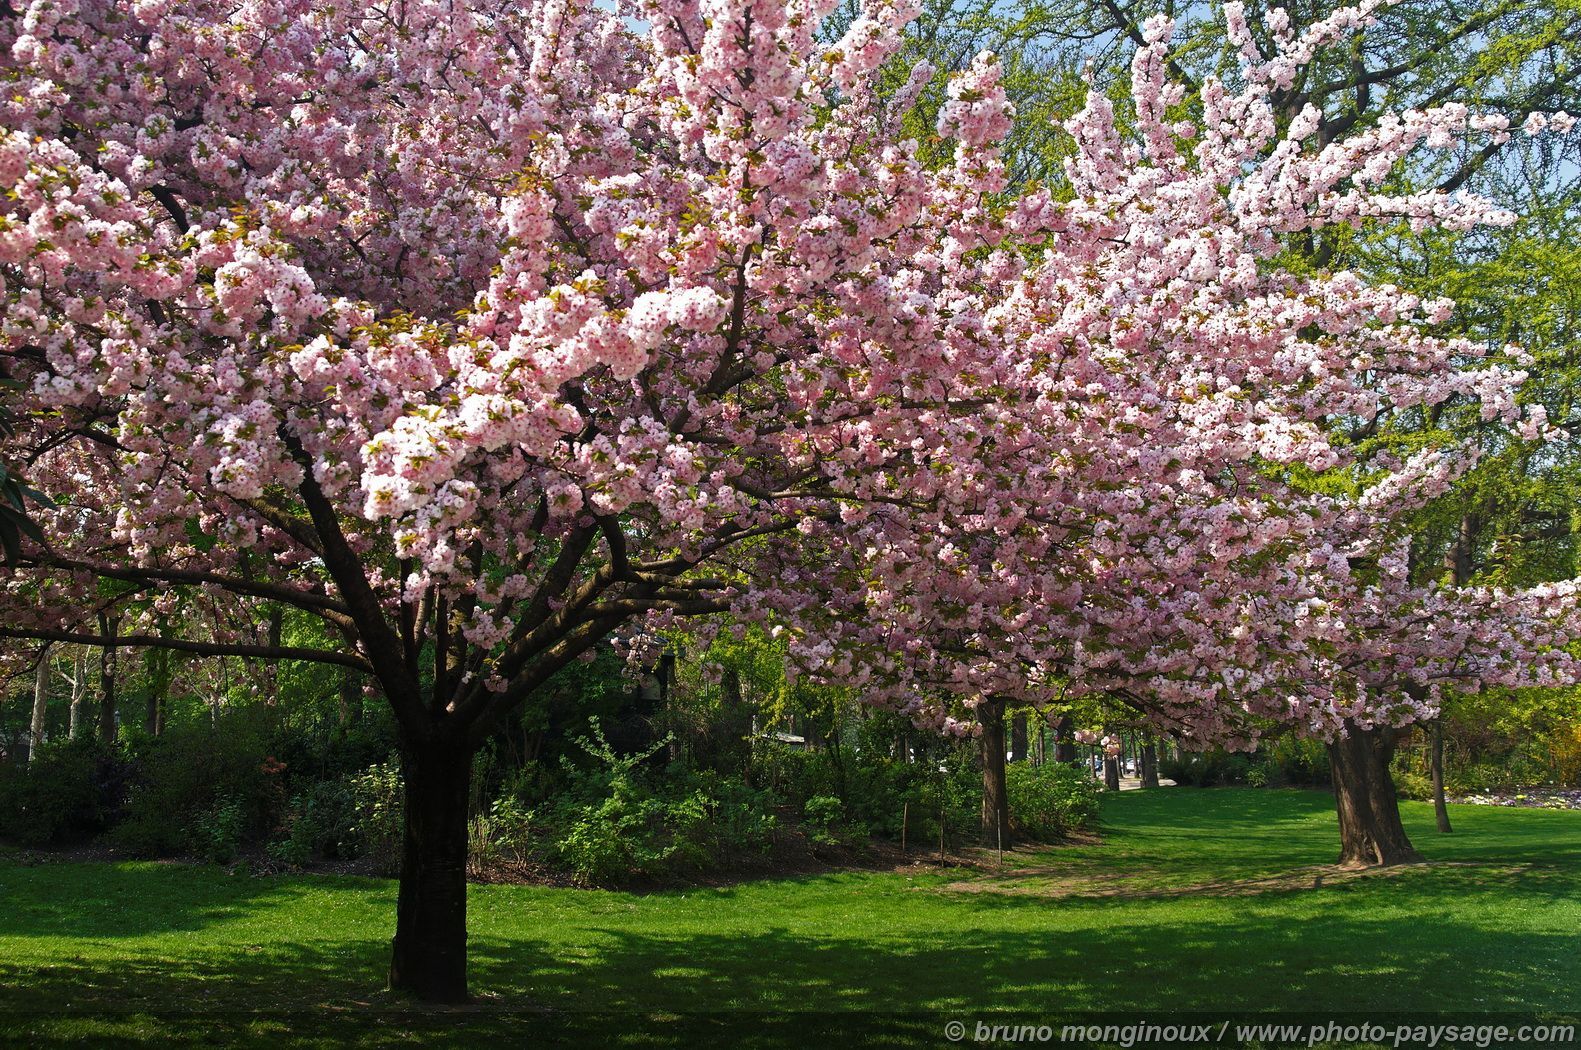 цветущие деревья, скачать фото, обои на рабочий стол